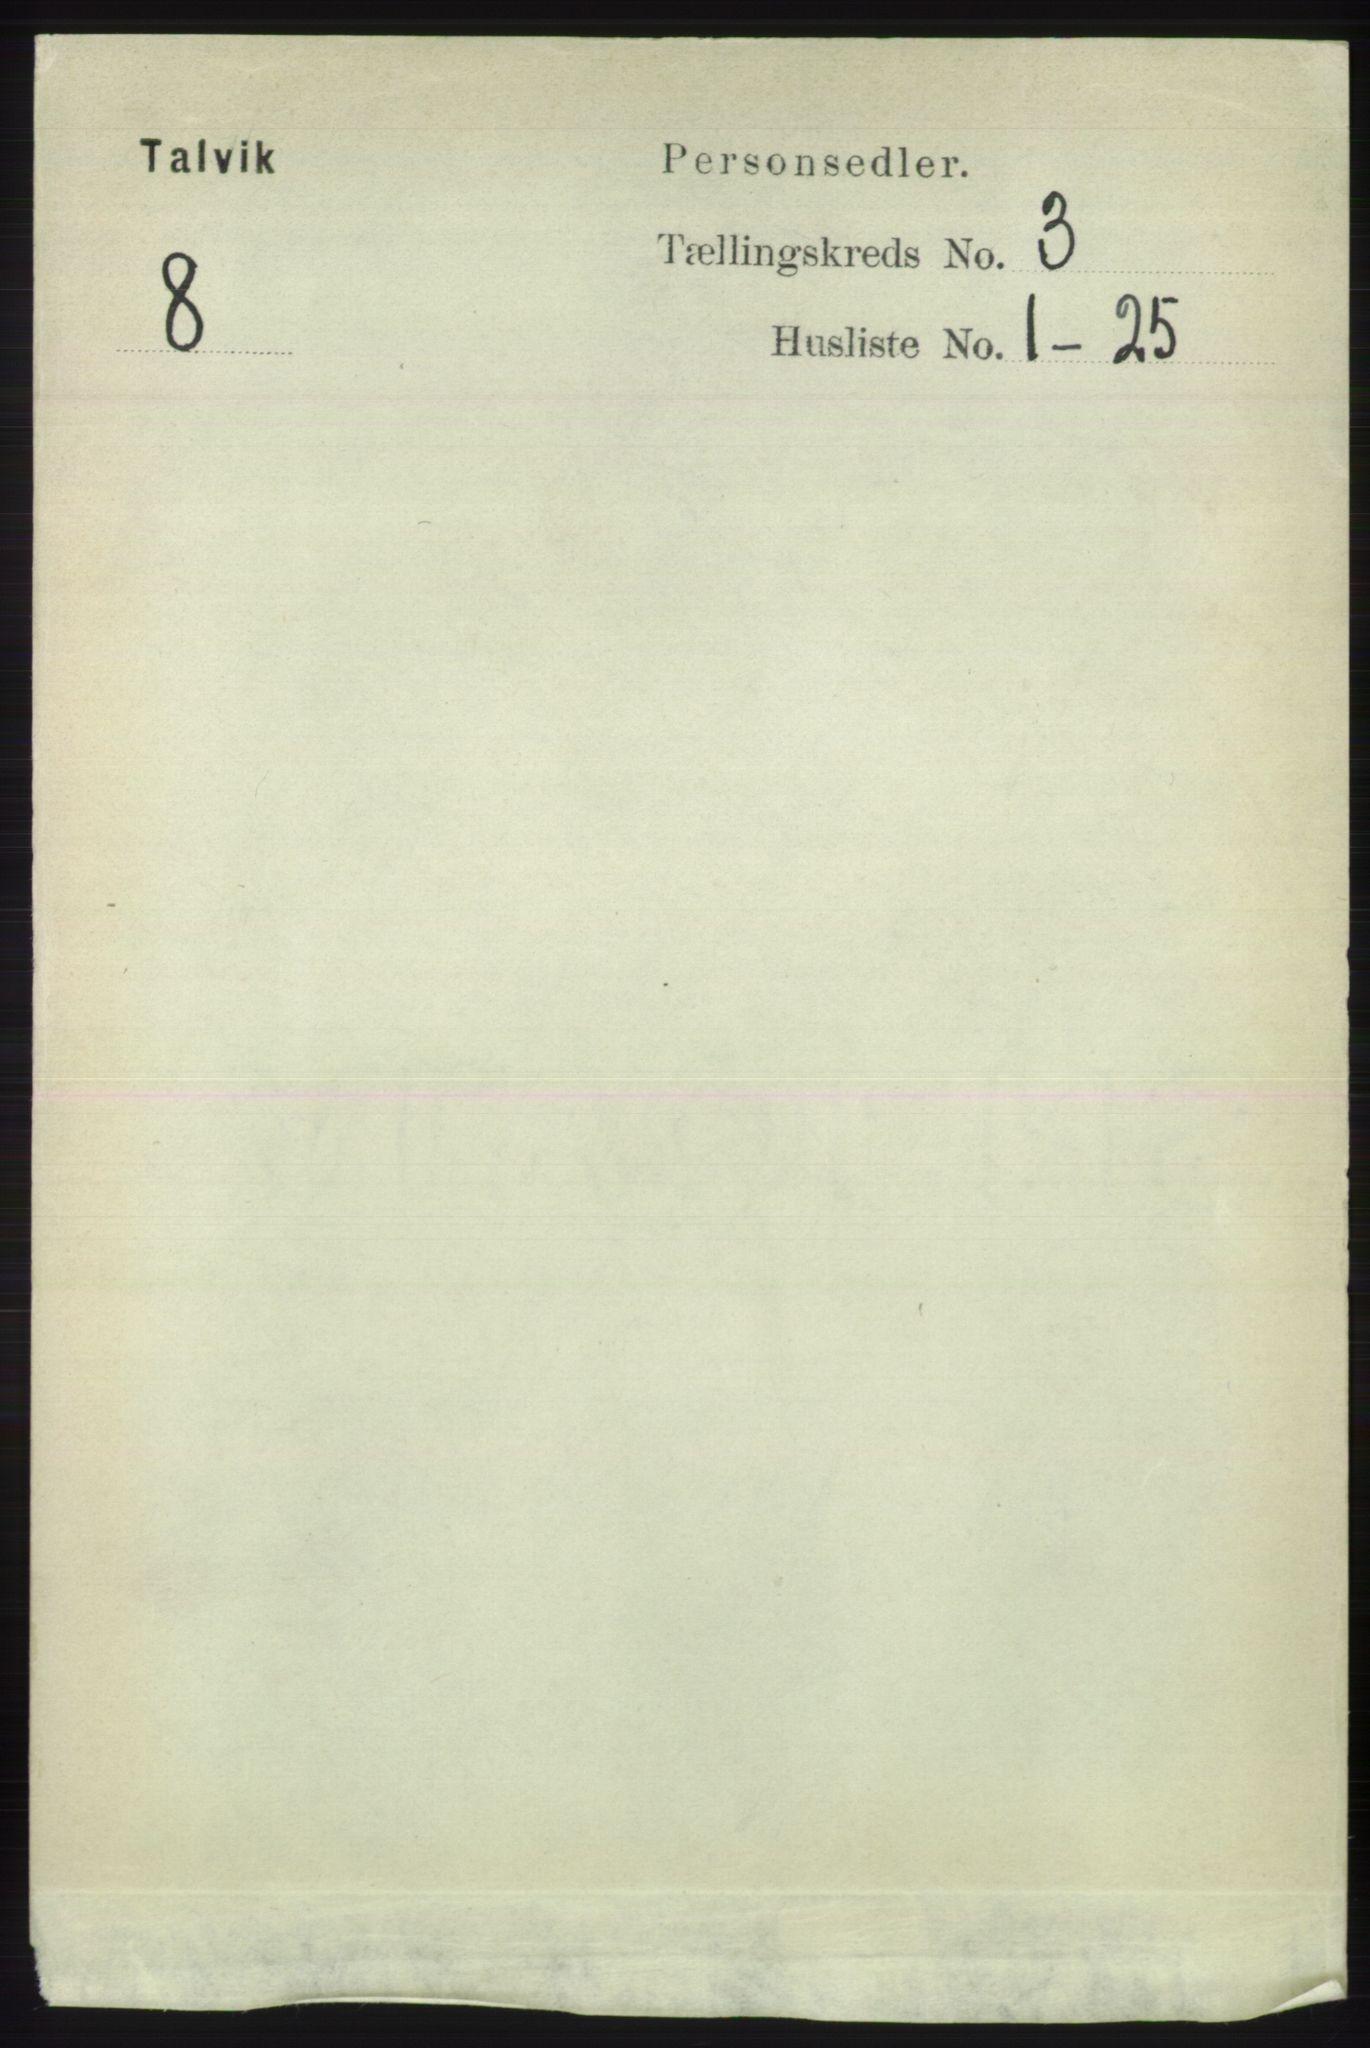 RA, Folketelling 1891 for 2013 Talvik herred, 1891, s. 722